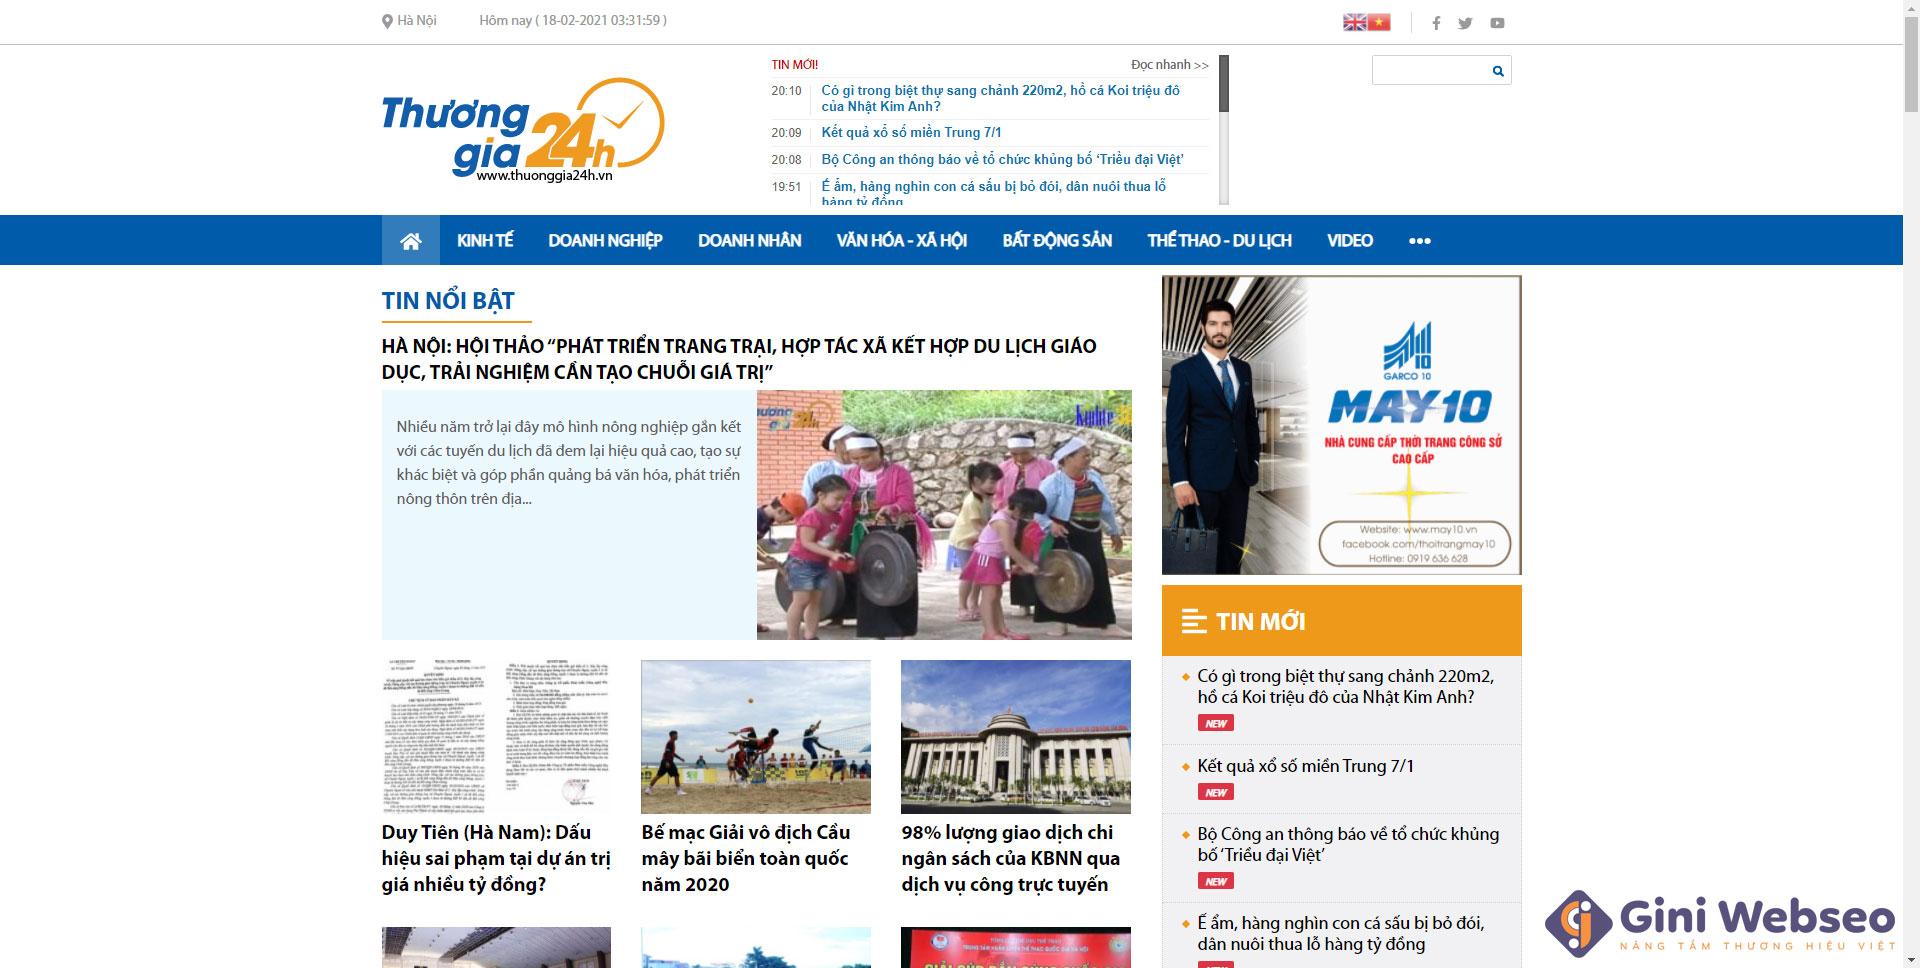 Thiết kế website tin tức Thương gia 24h